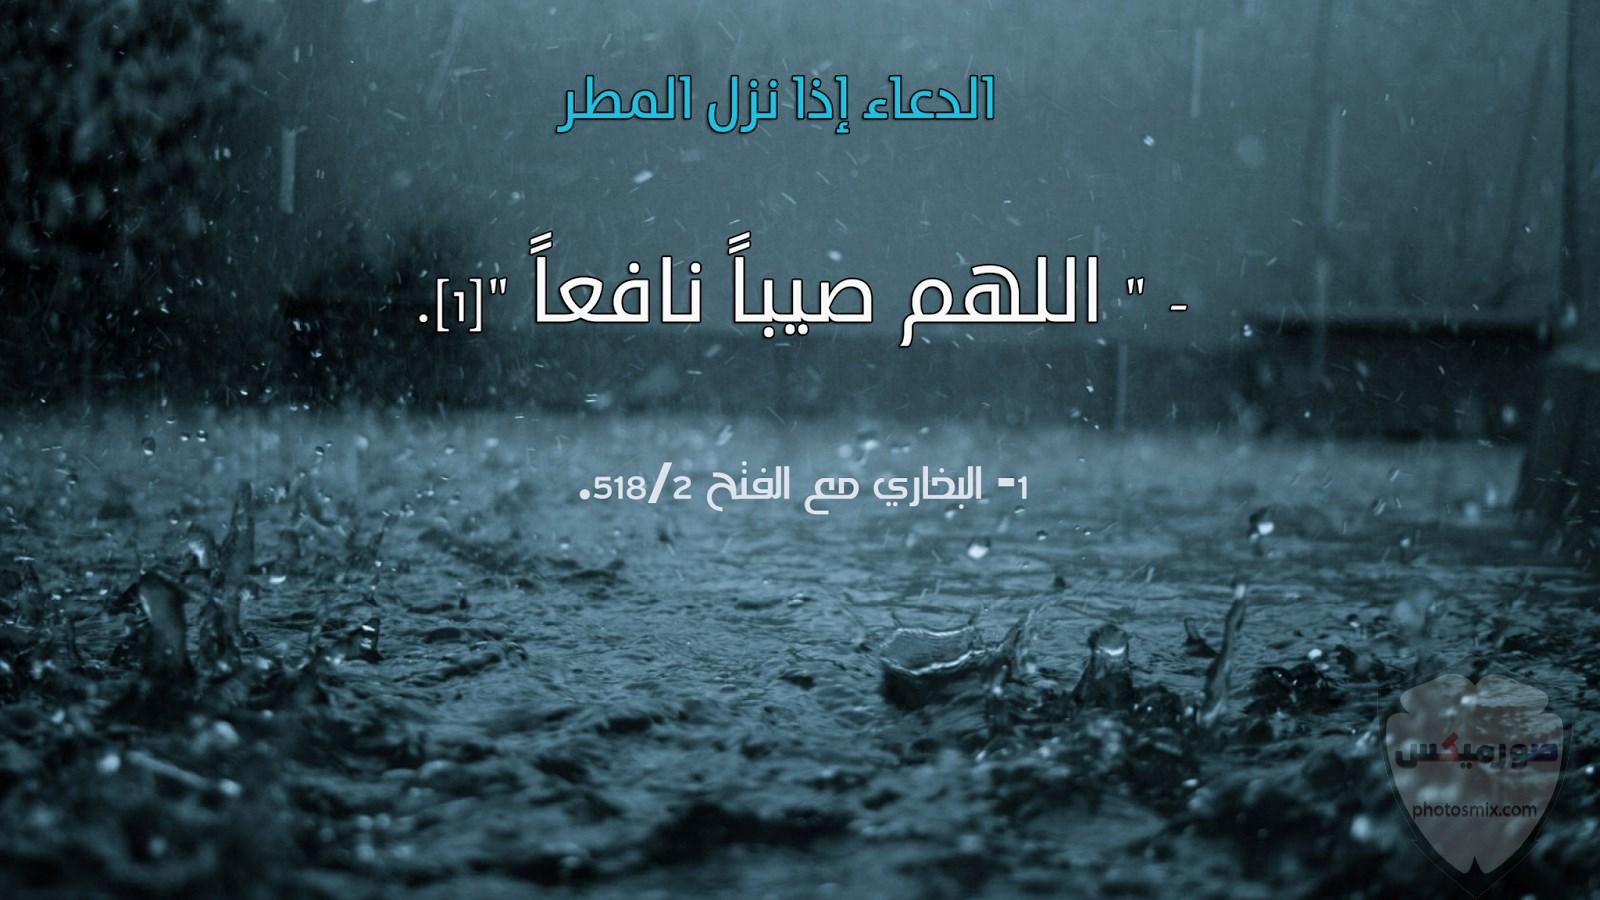 صور مطر جميلة اجمل خلفيات قطرات المطر ادعية عن الامطار والشتاء 2 1